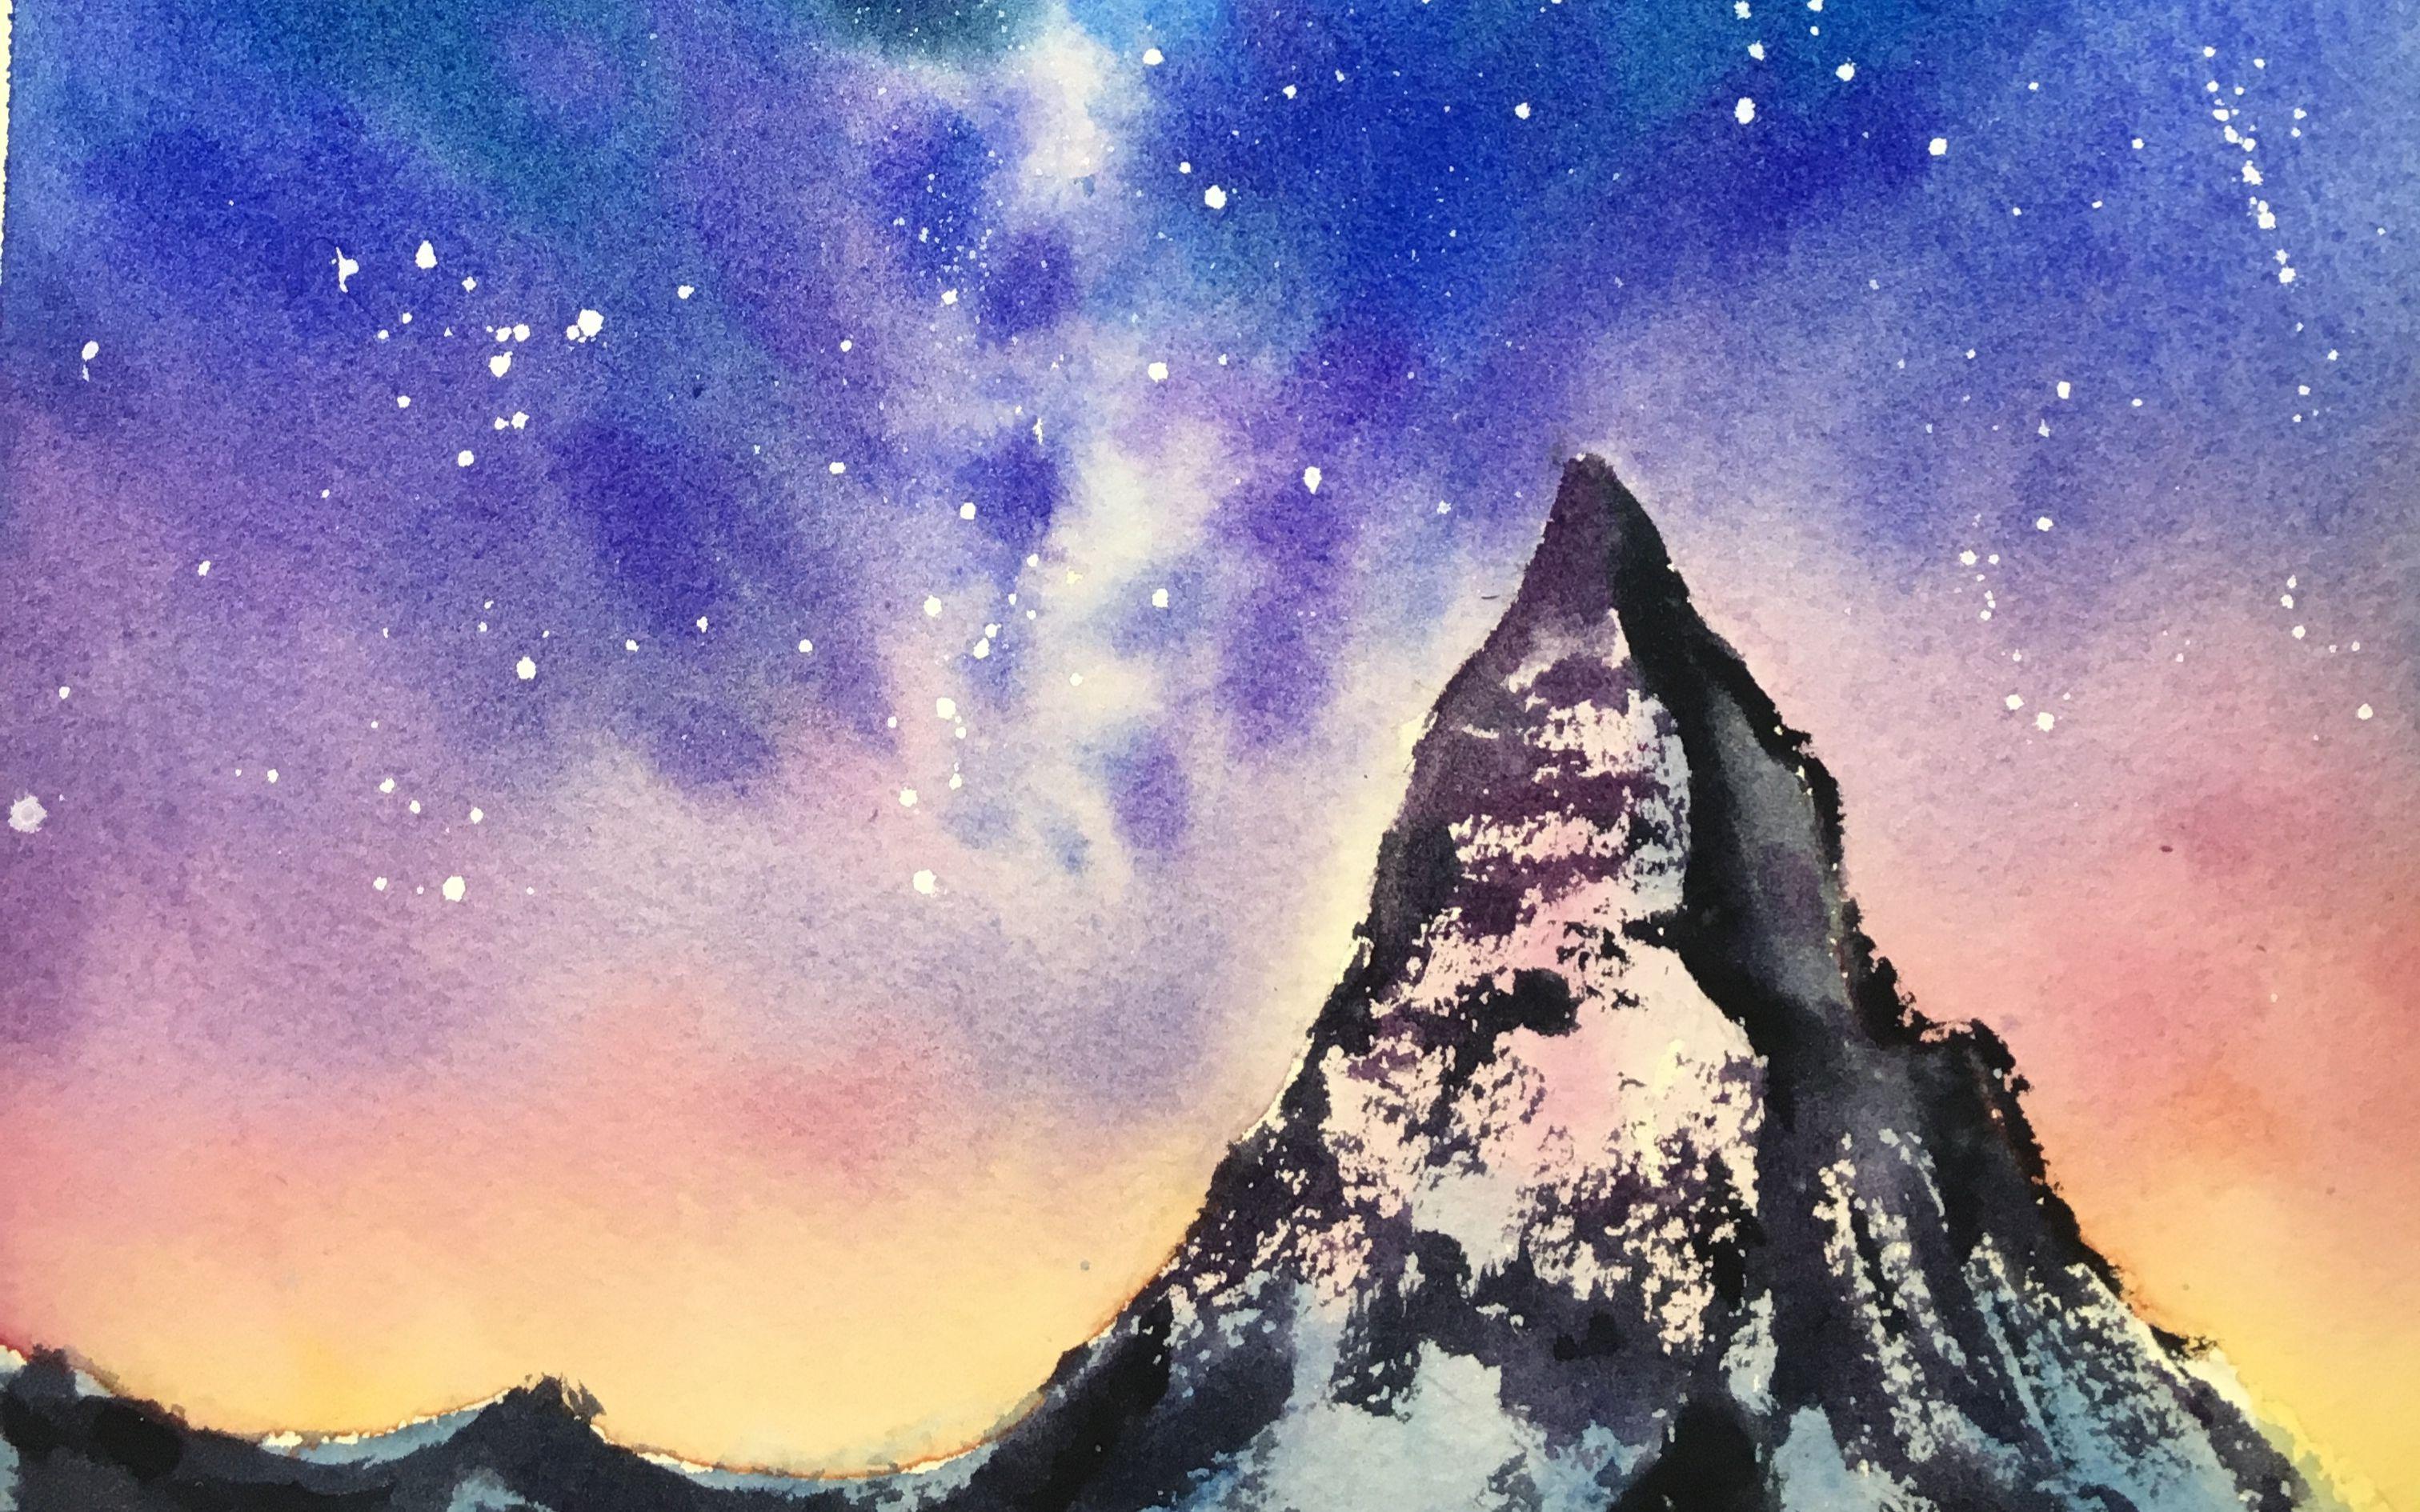 【手绘】星空雪山【水彩】图片